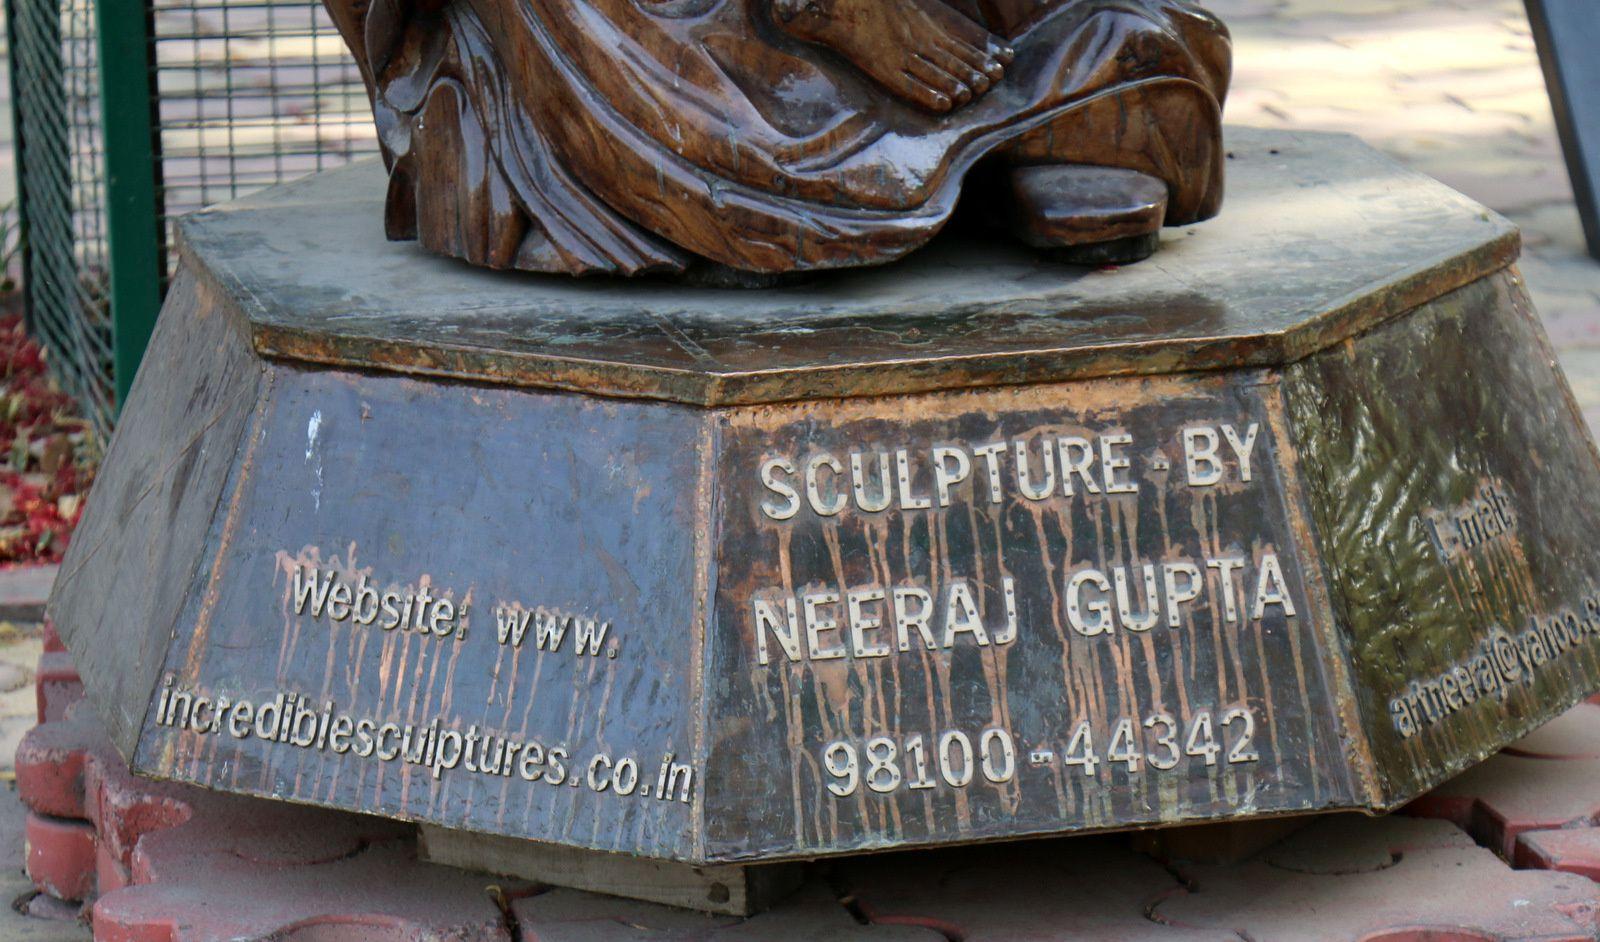 Sculpture de Neeraj Gupta, Delhi (Inde)